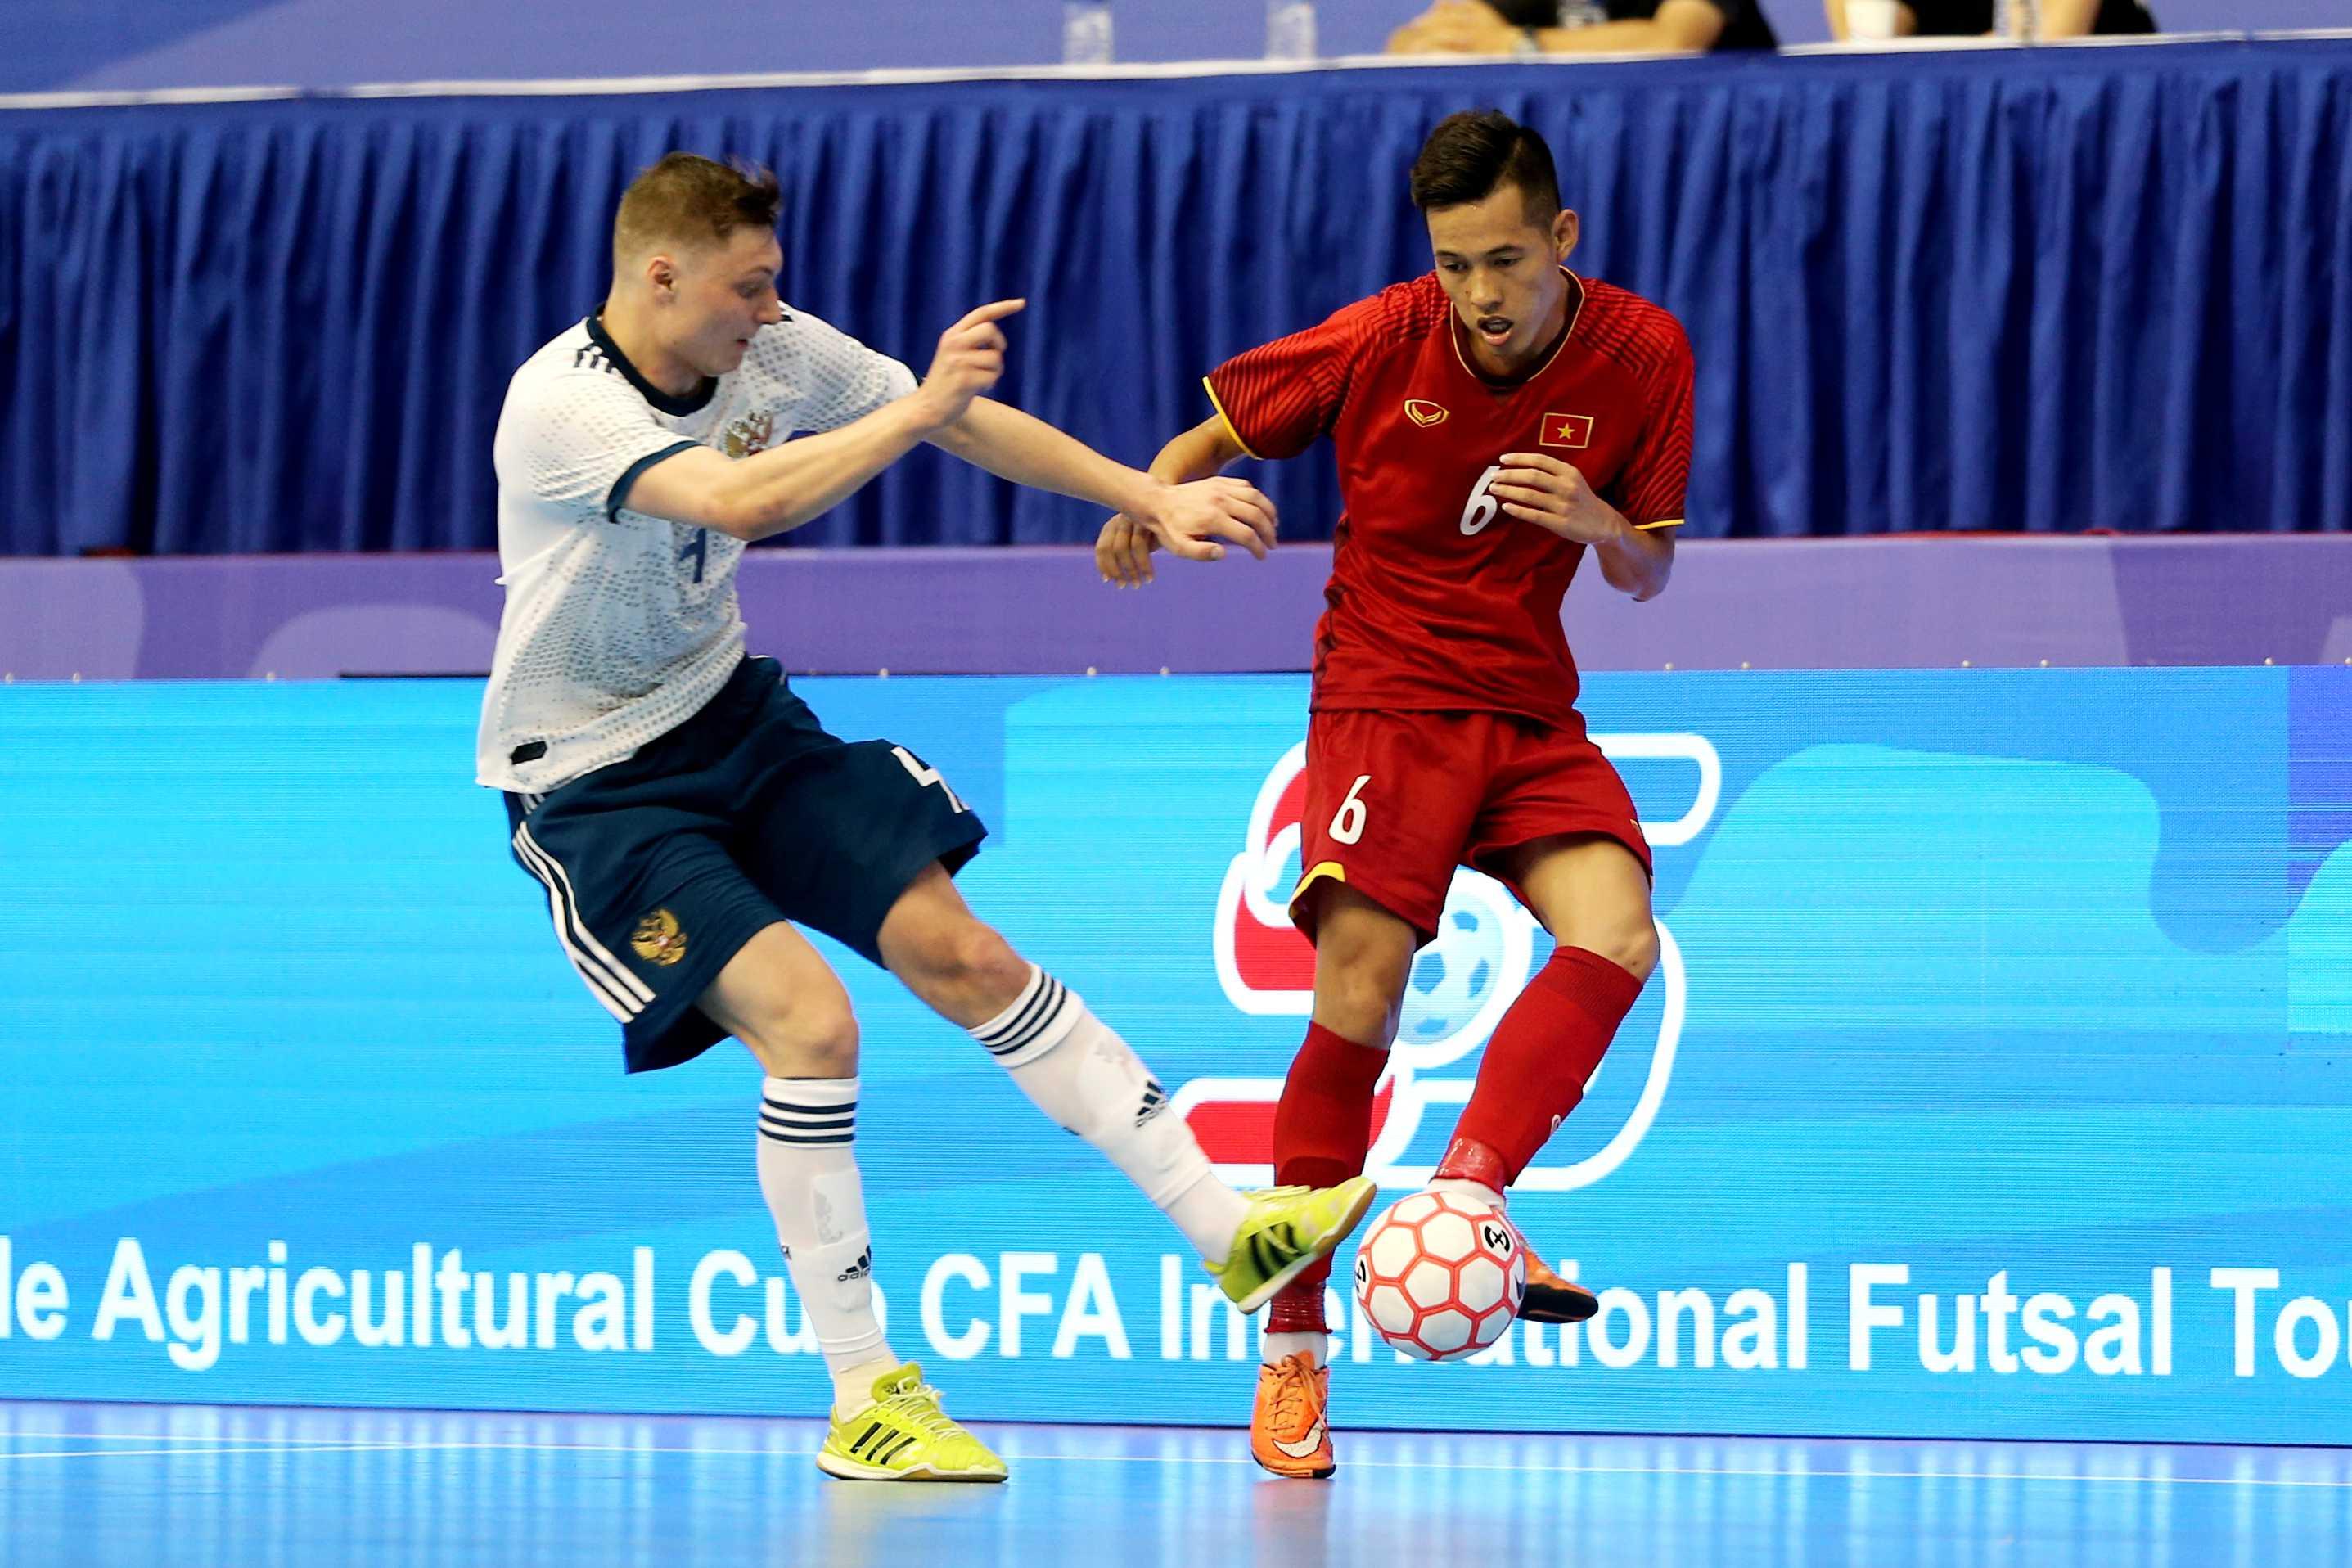 Tuyển Futsal Việt Nam 2 lần đưa bóng vào lưới Á quân World Cup Nga